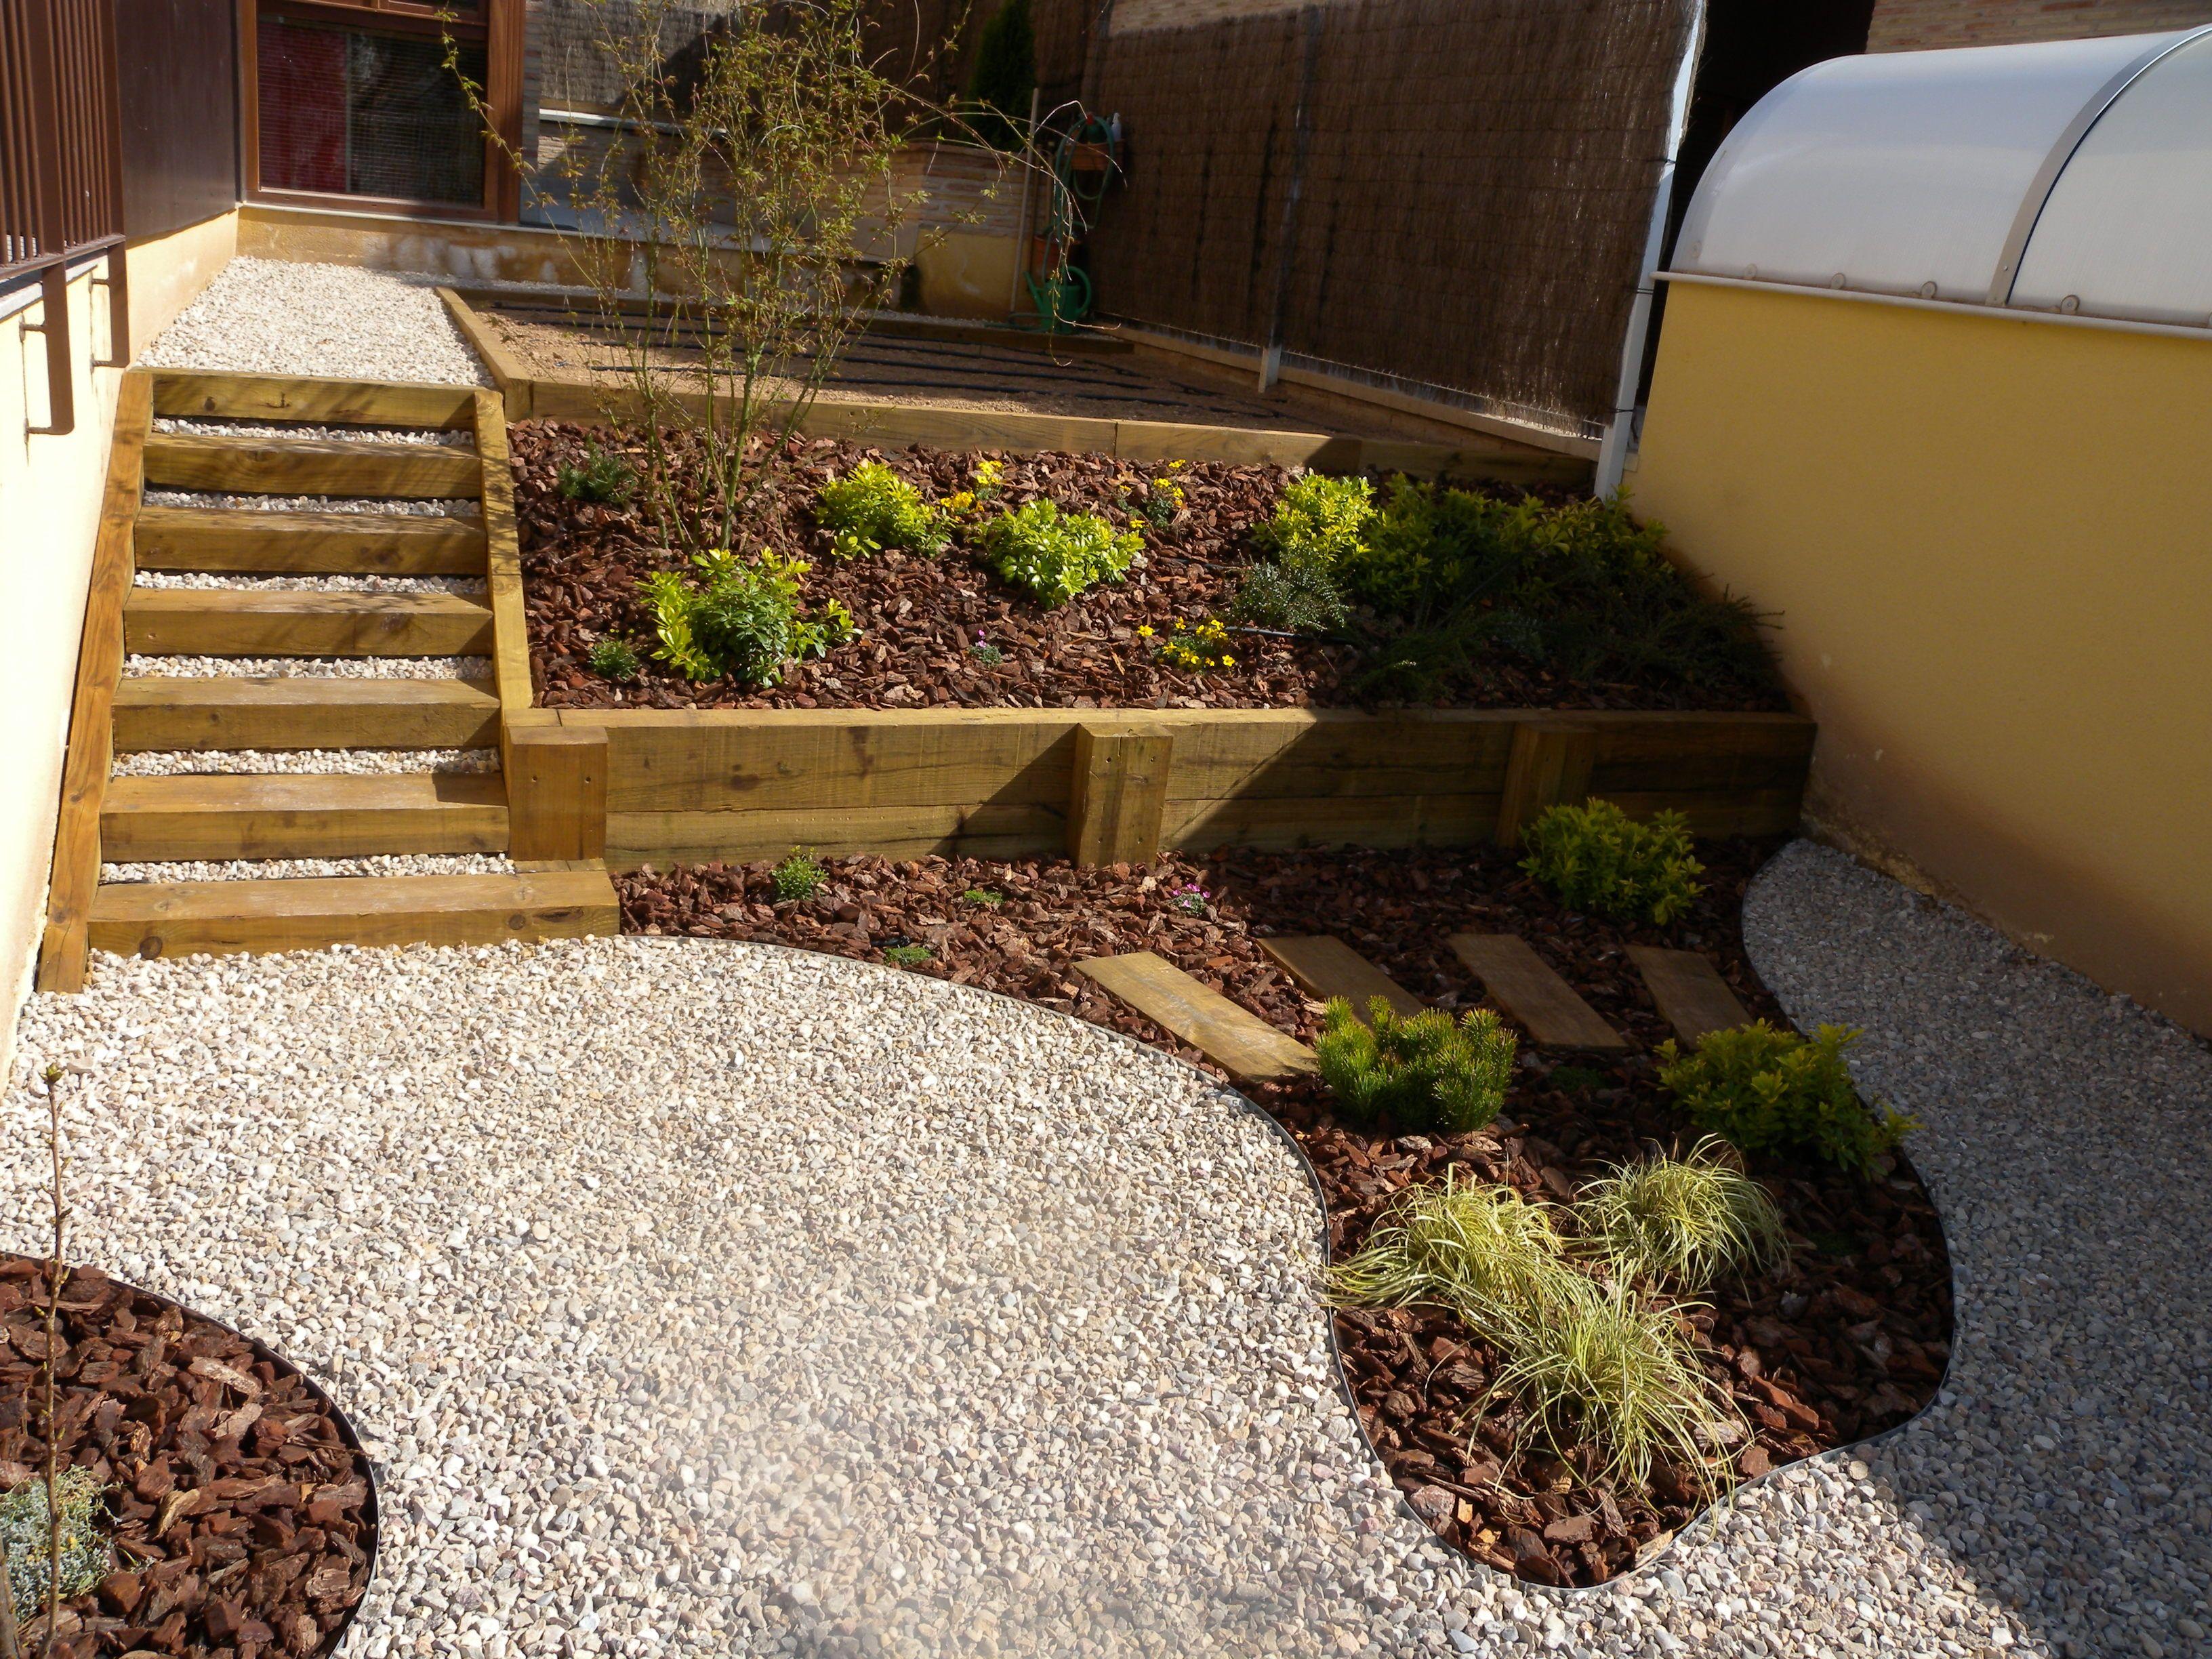 Escaleras Y Jardinera Solucionados Con Traviesas De Madera